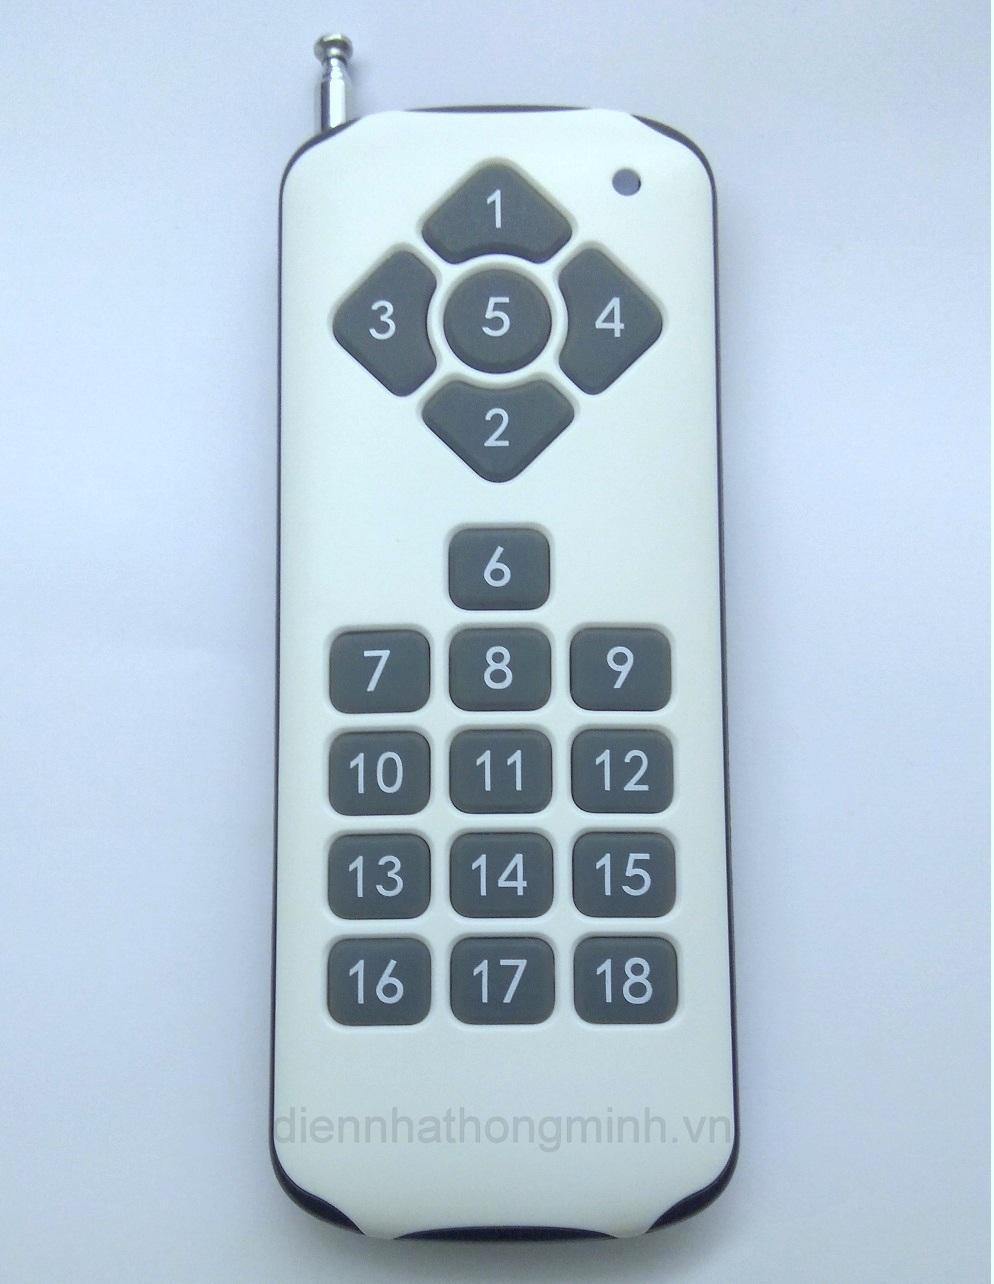 Hình ảnh Remote 18 nút nhấn